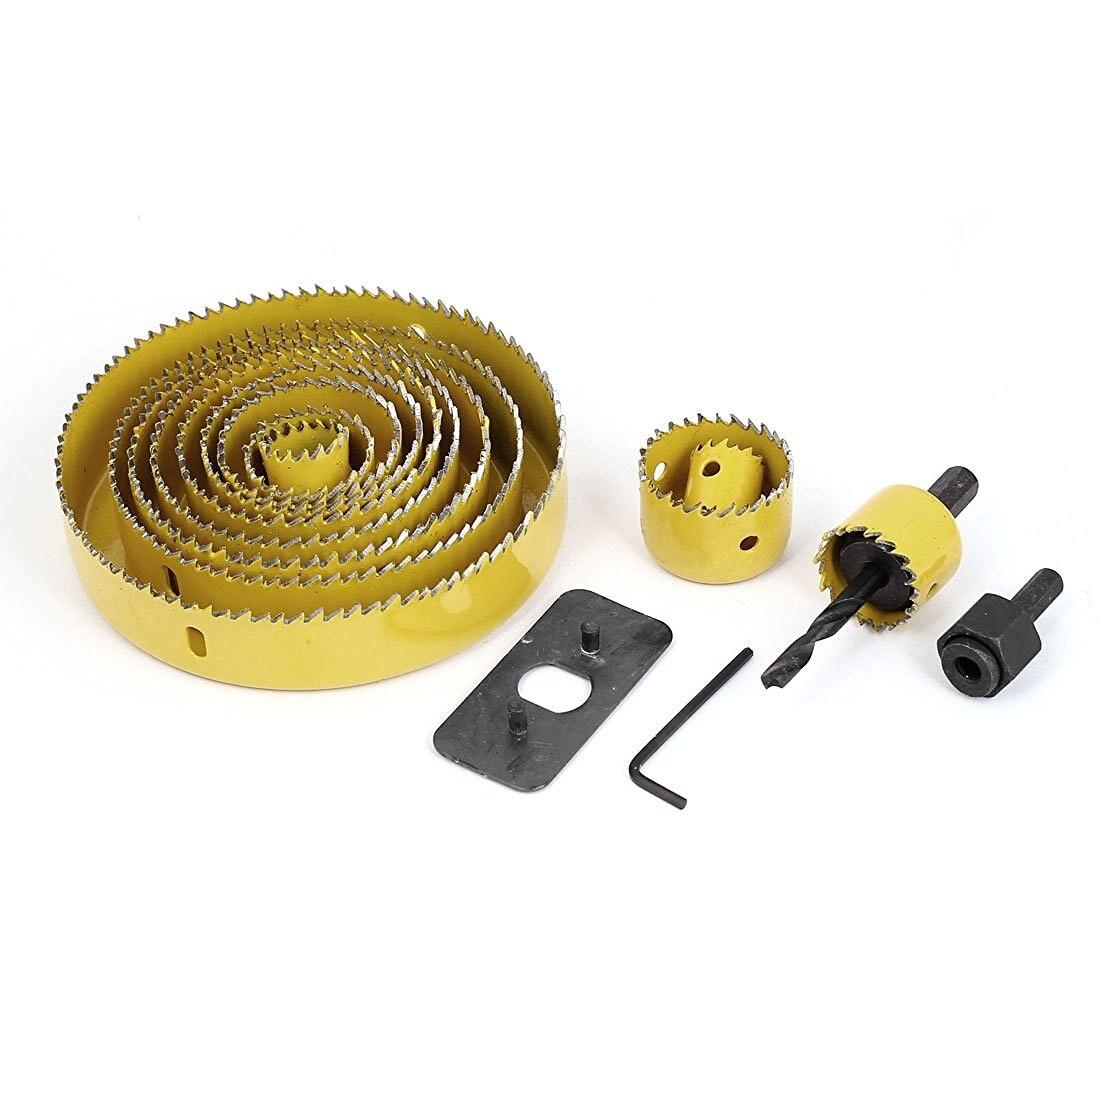 EWS-Wood Sheet Metal Cutter Mandrels Saws Hole Saw Drill Bits Kits 16 Pcs ews 25mm diameter hole saw cutter twist drill bit tool